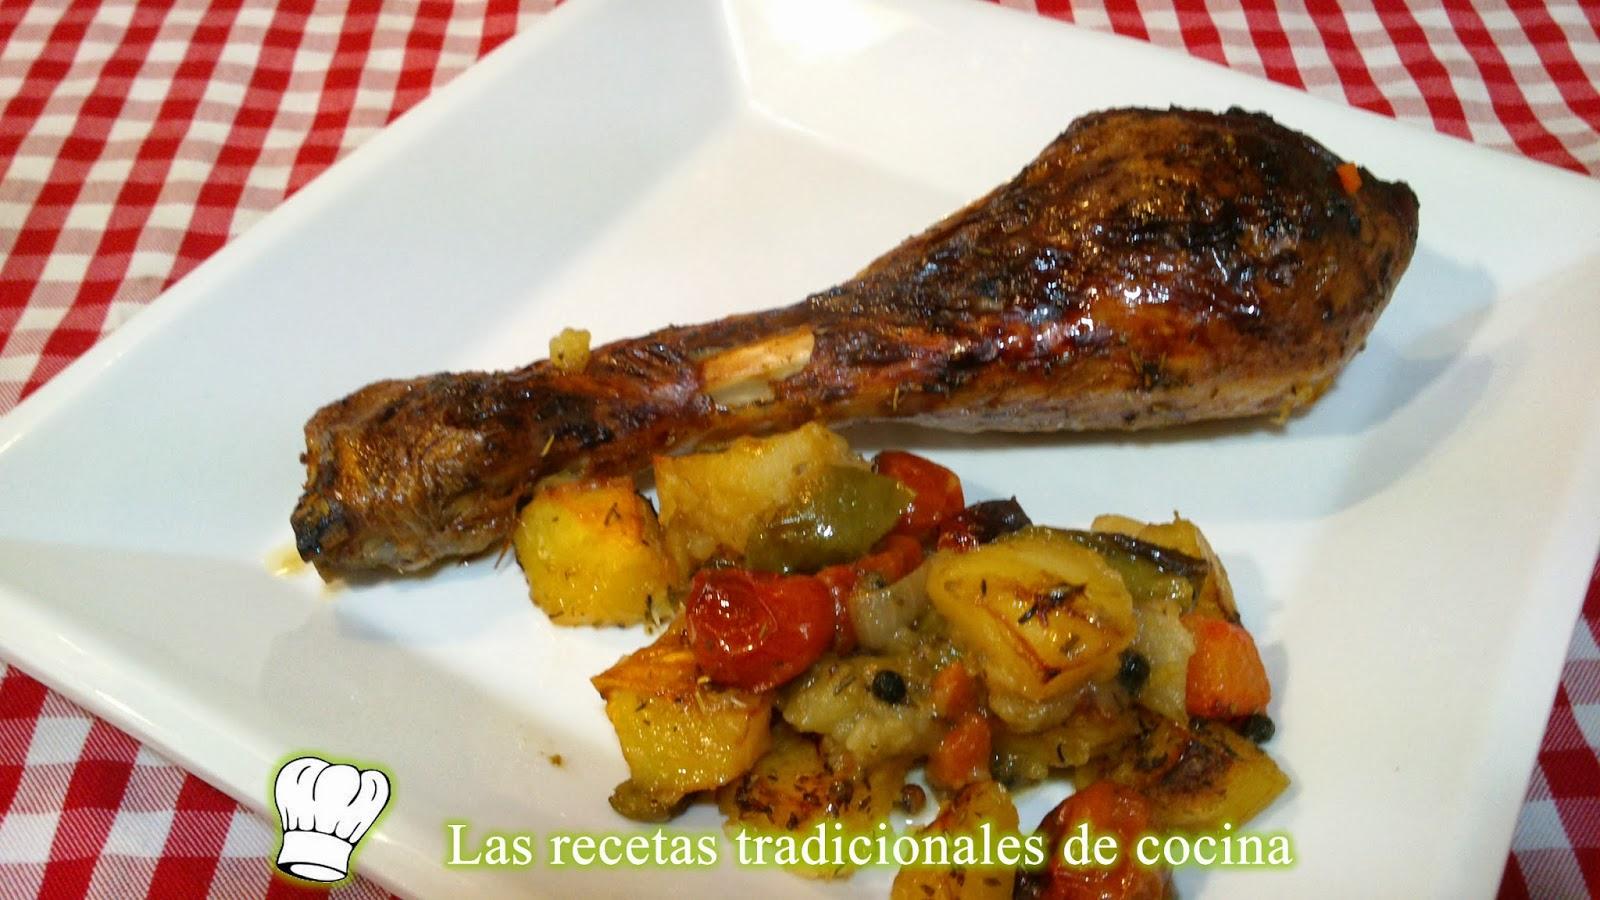 Como Cocinar Muslos De Pavo | Receta De Muslos De Pavo Al Horno Con Verduras Recetas De Cocina